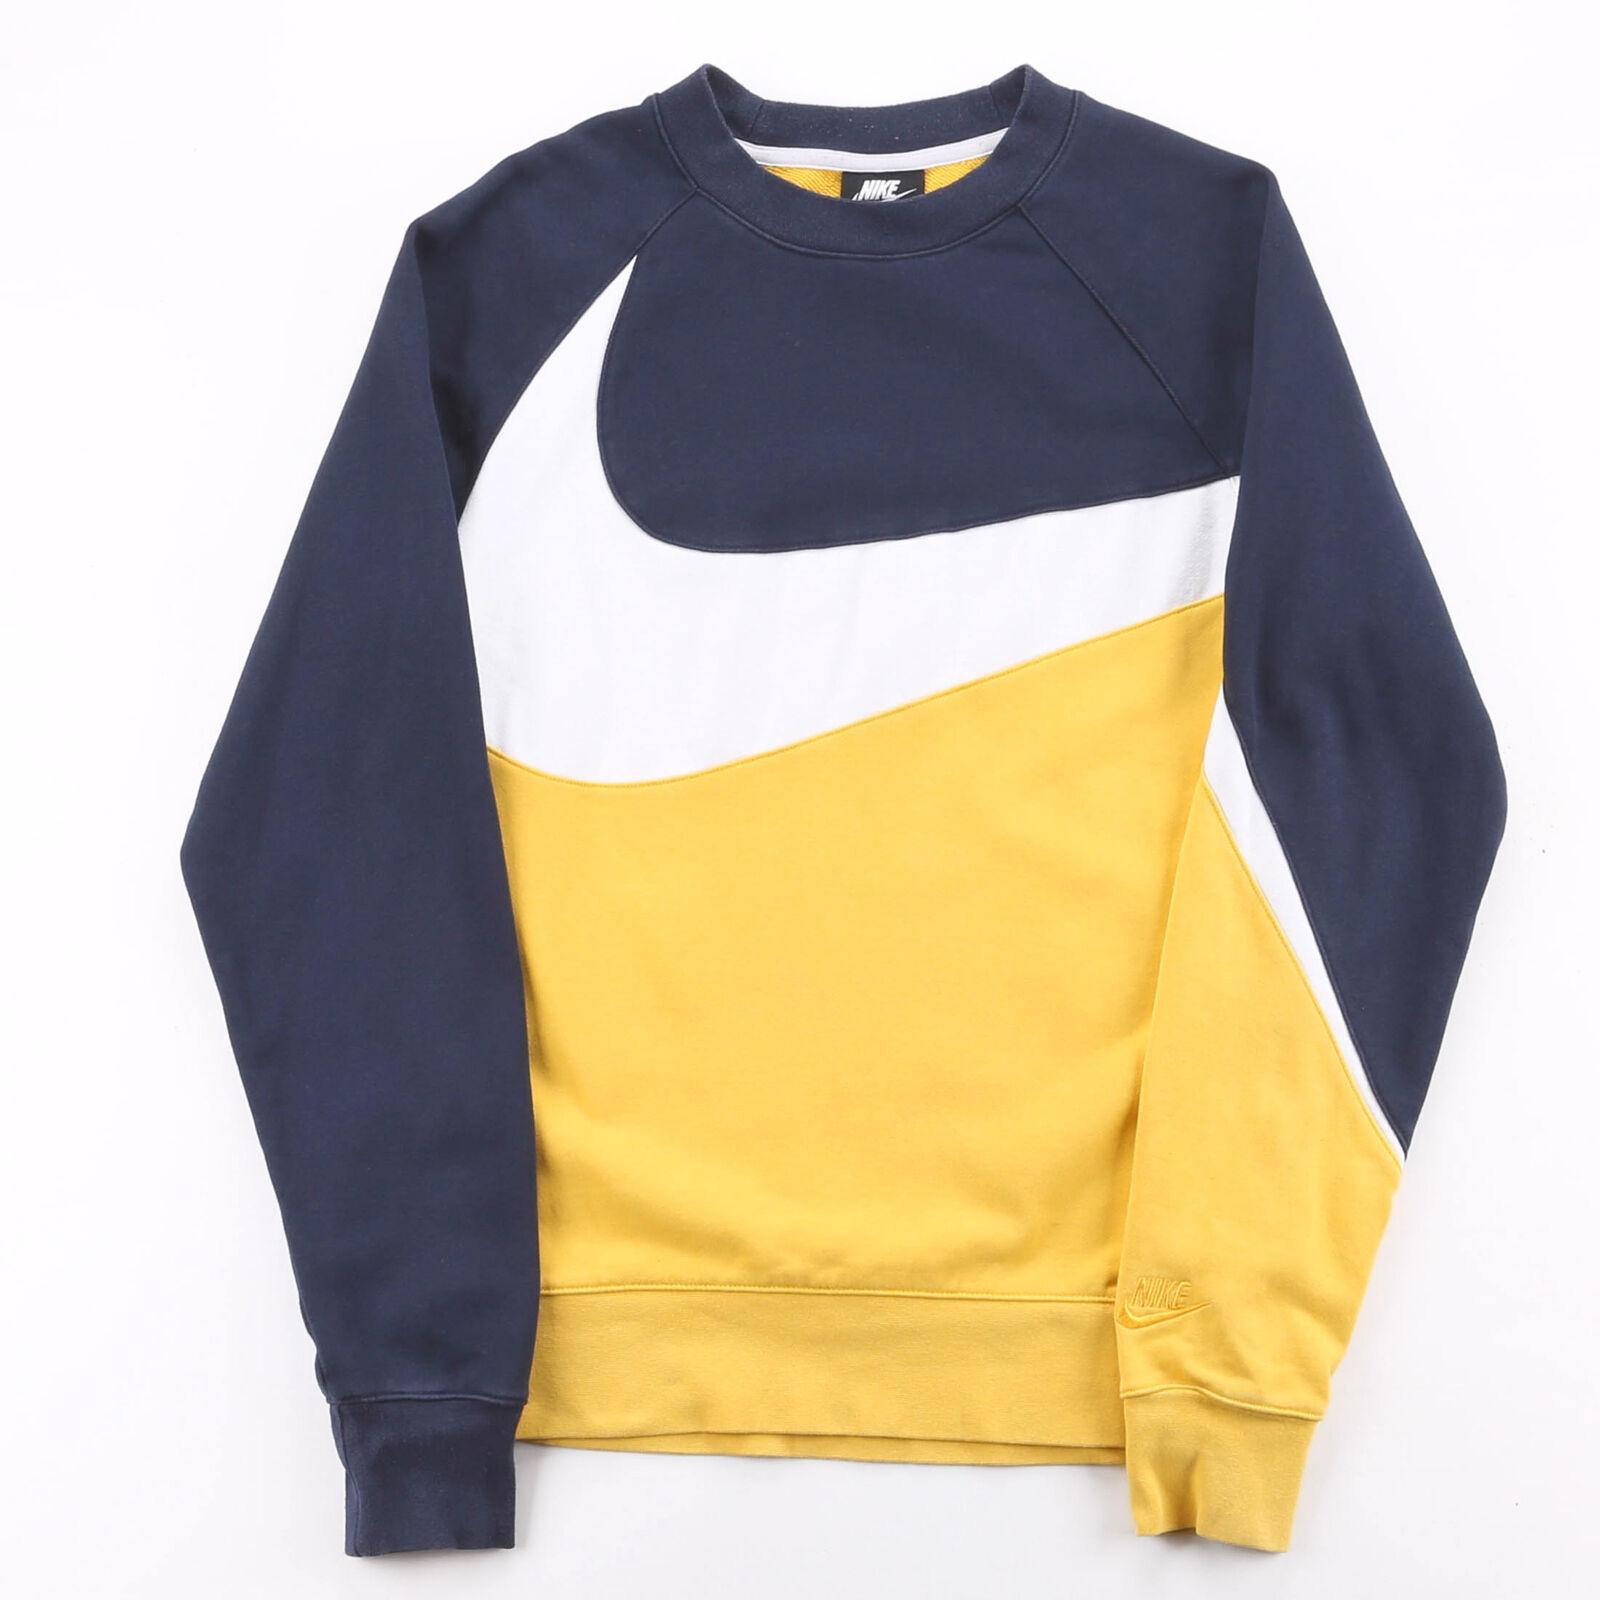 NIKE Yellow 00s Crew Neck Sweatshirt Mens XS